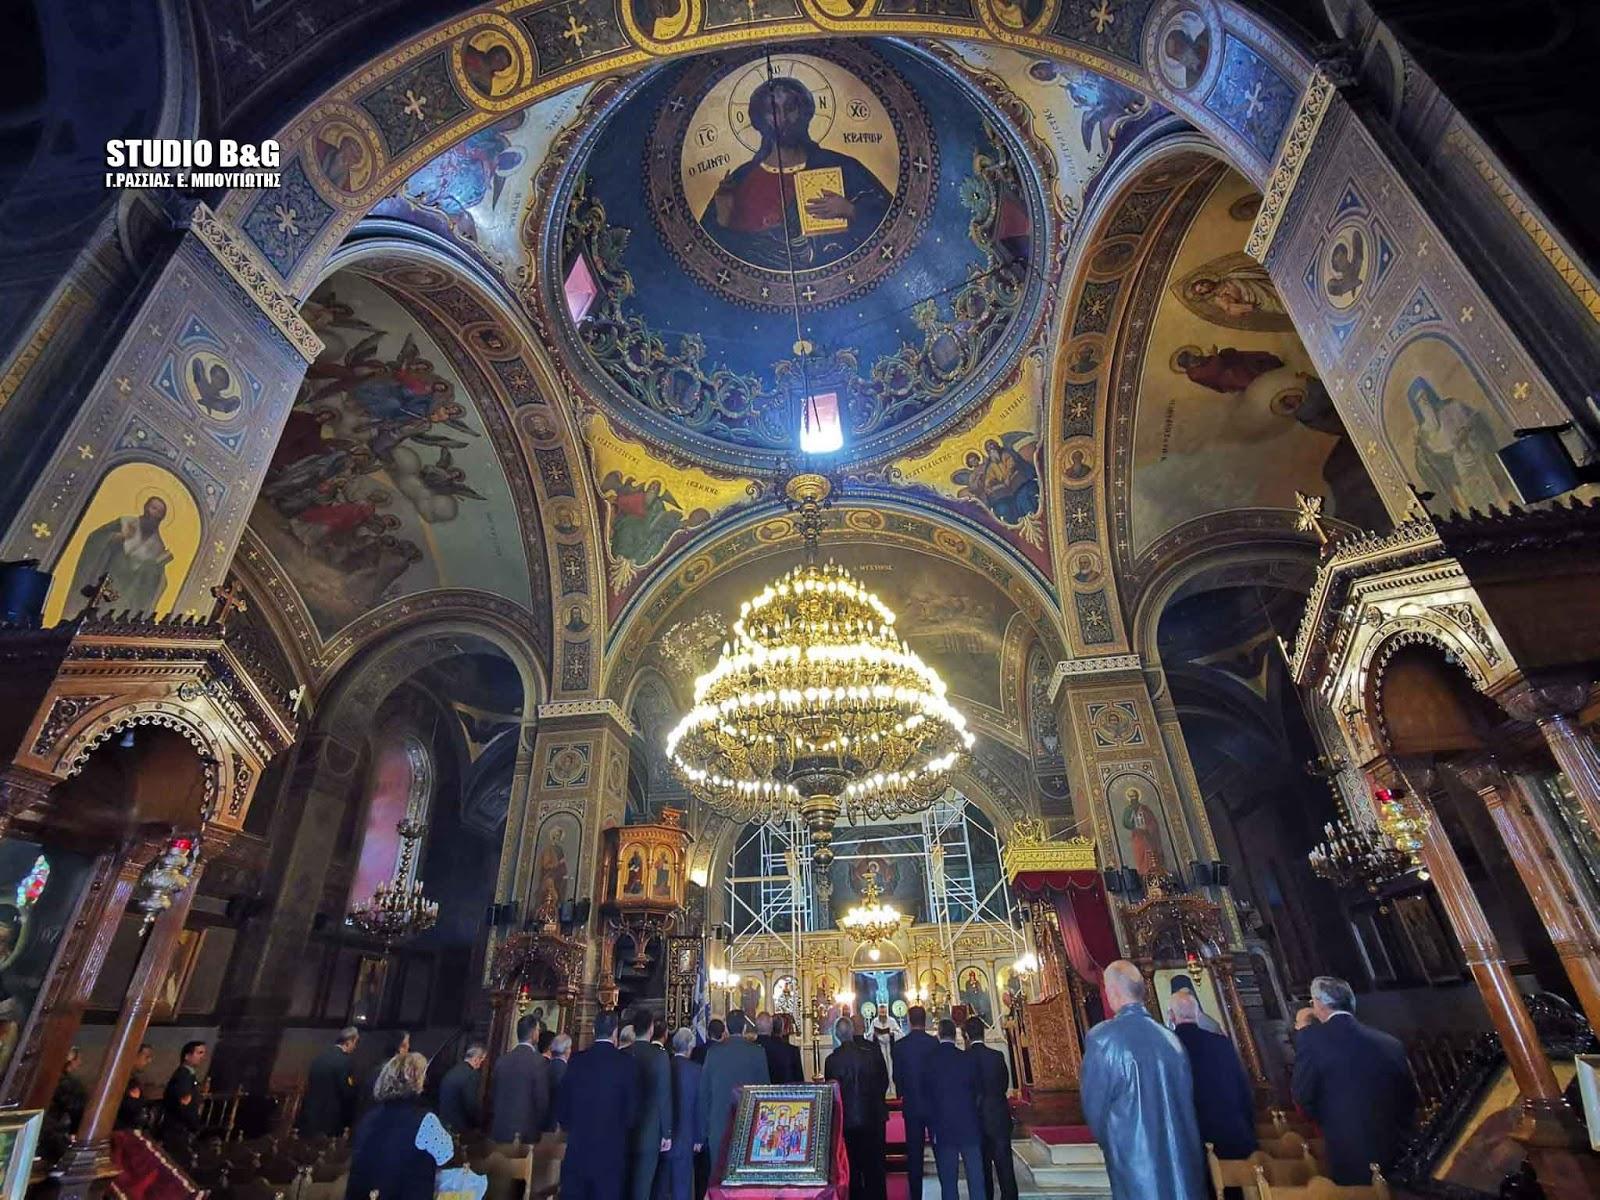 Δοξολογία στον Μητροπολιτικό  Ιερό Ναό Αγίου Γεωργίου Ναυπλίου